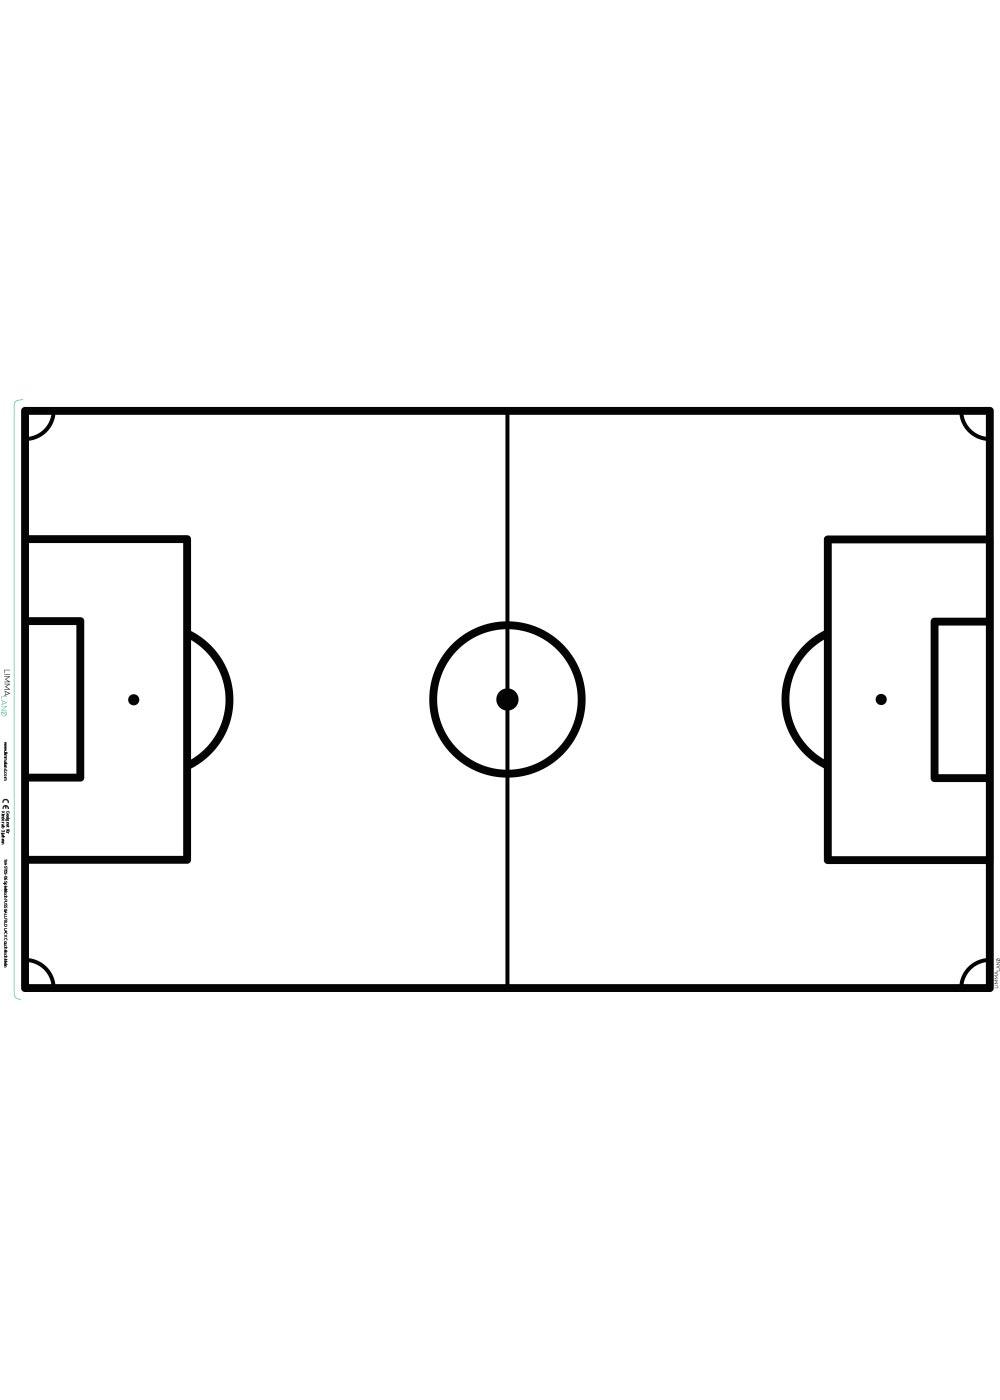 Ikea Lack Couchtisch Fussballfeld weiss 55x90 Druckvorlage